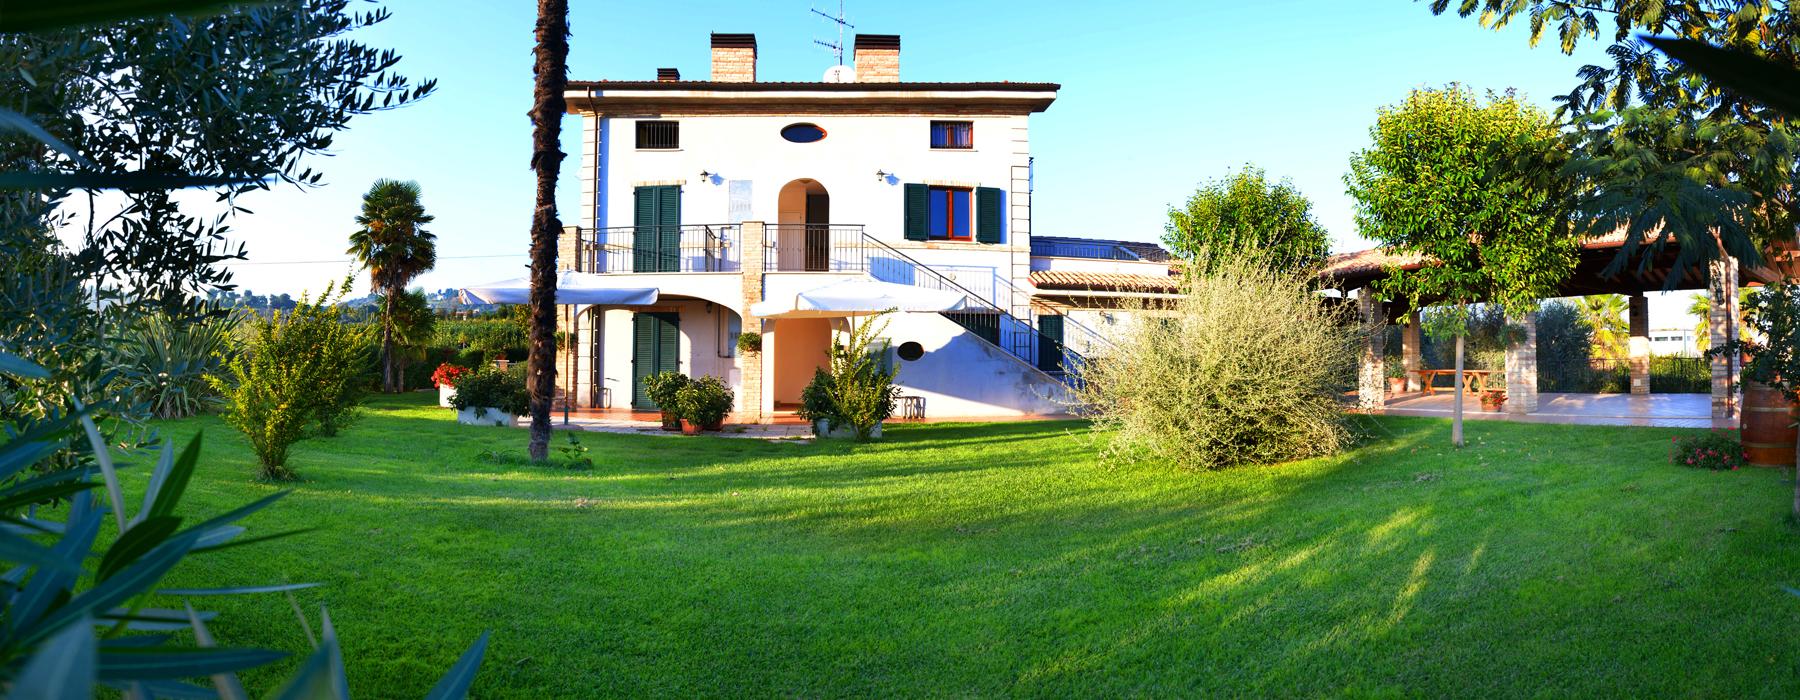 Slider - Frontale -Casa di Gino